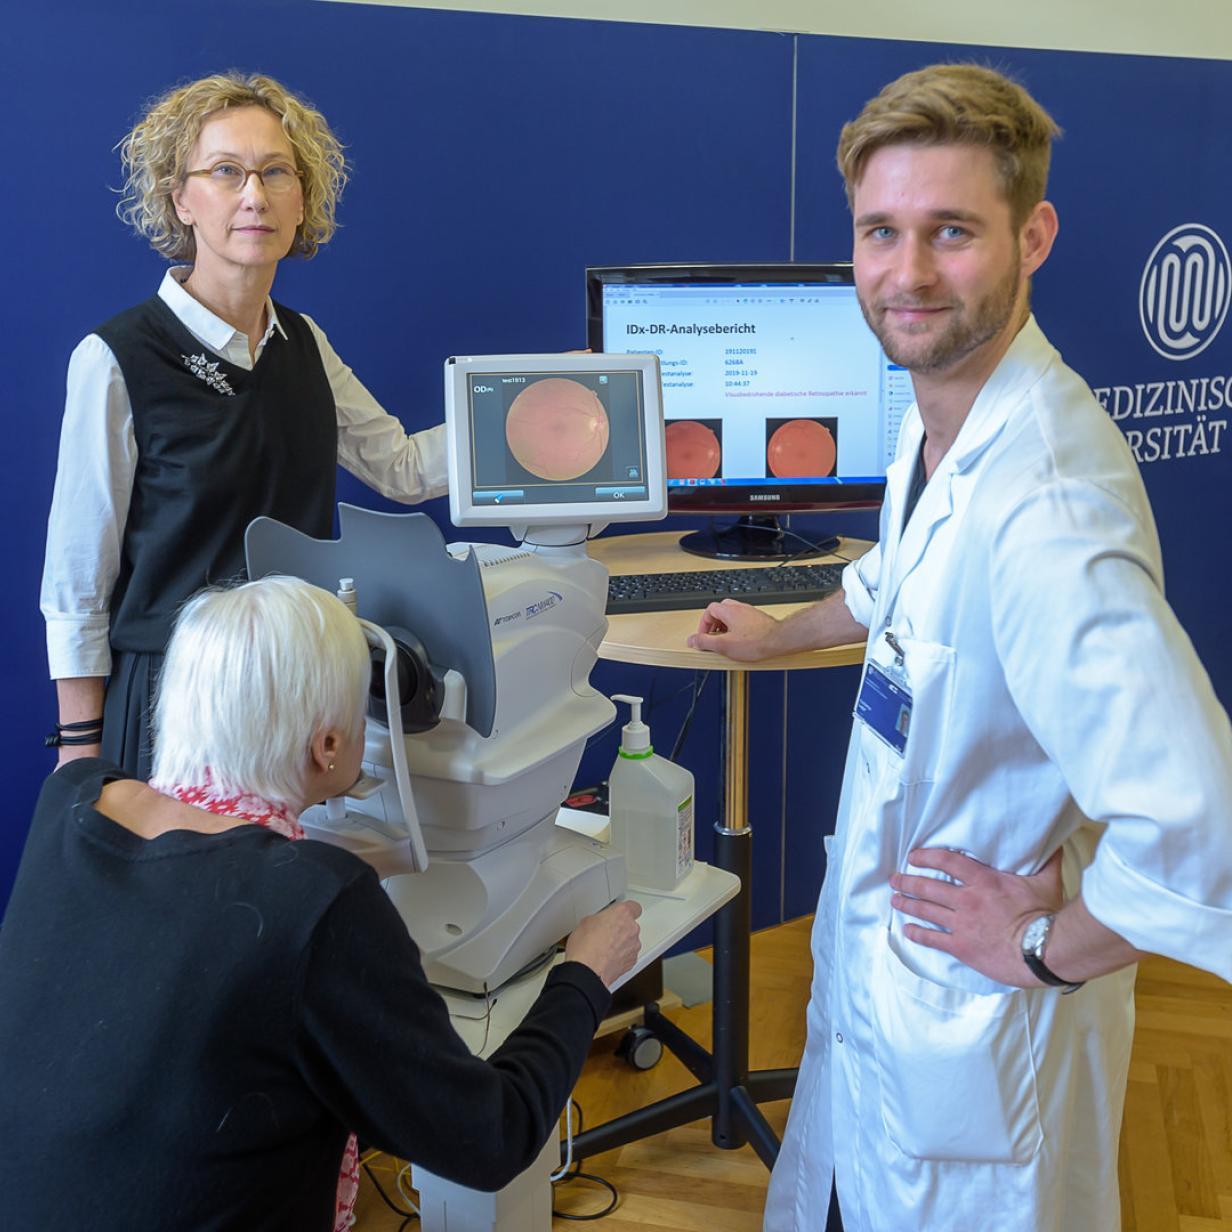 Netzhauterkrankung: Wenn der Roboter die Diagnose stellt